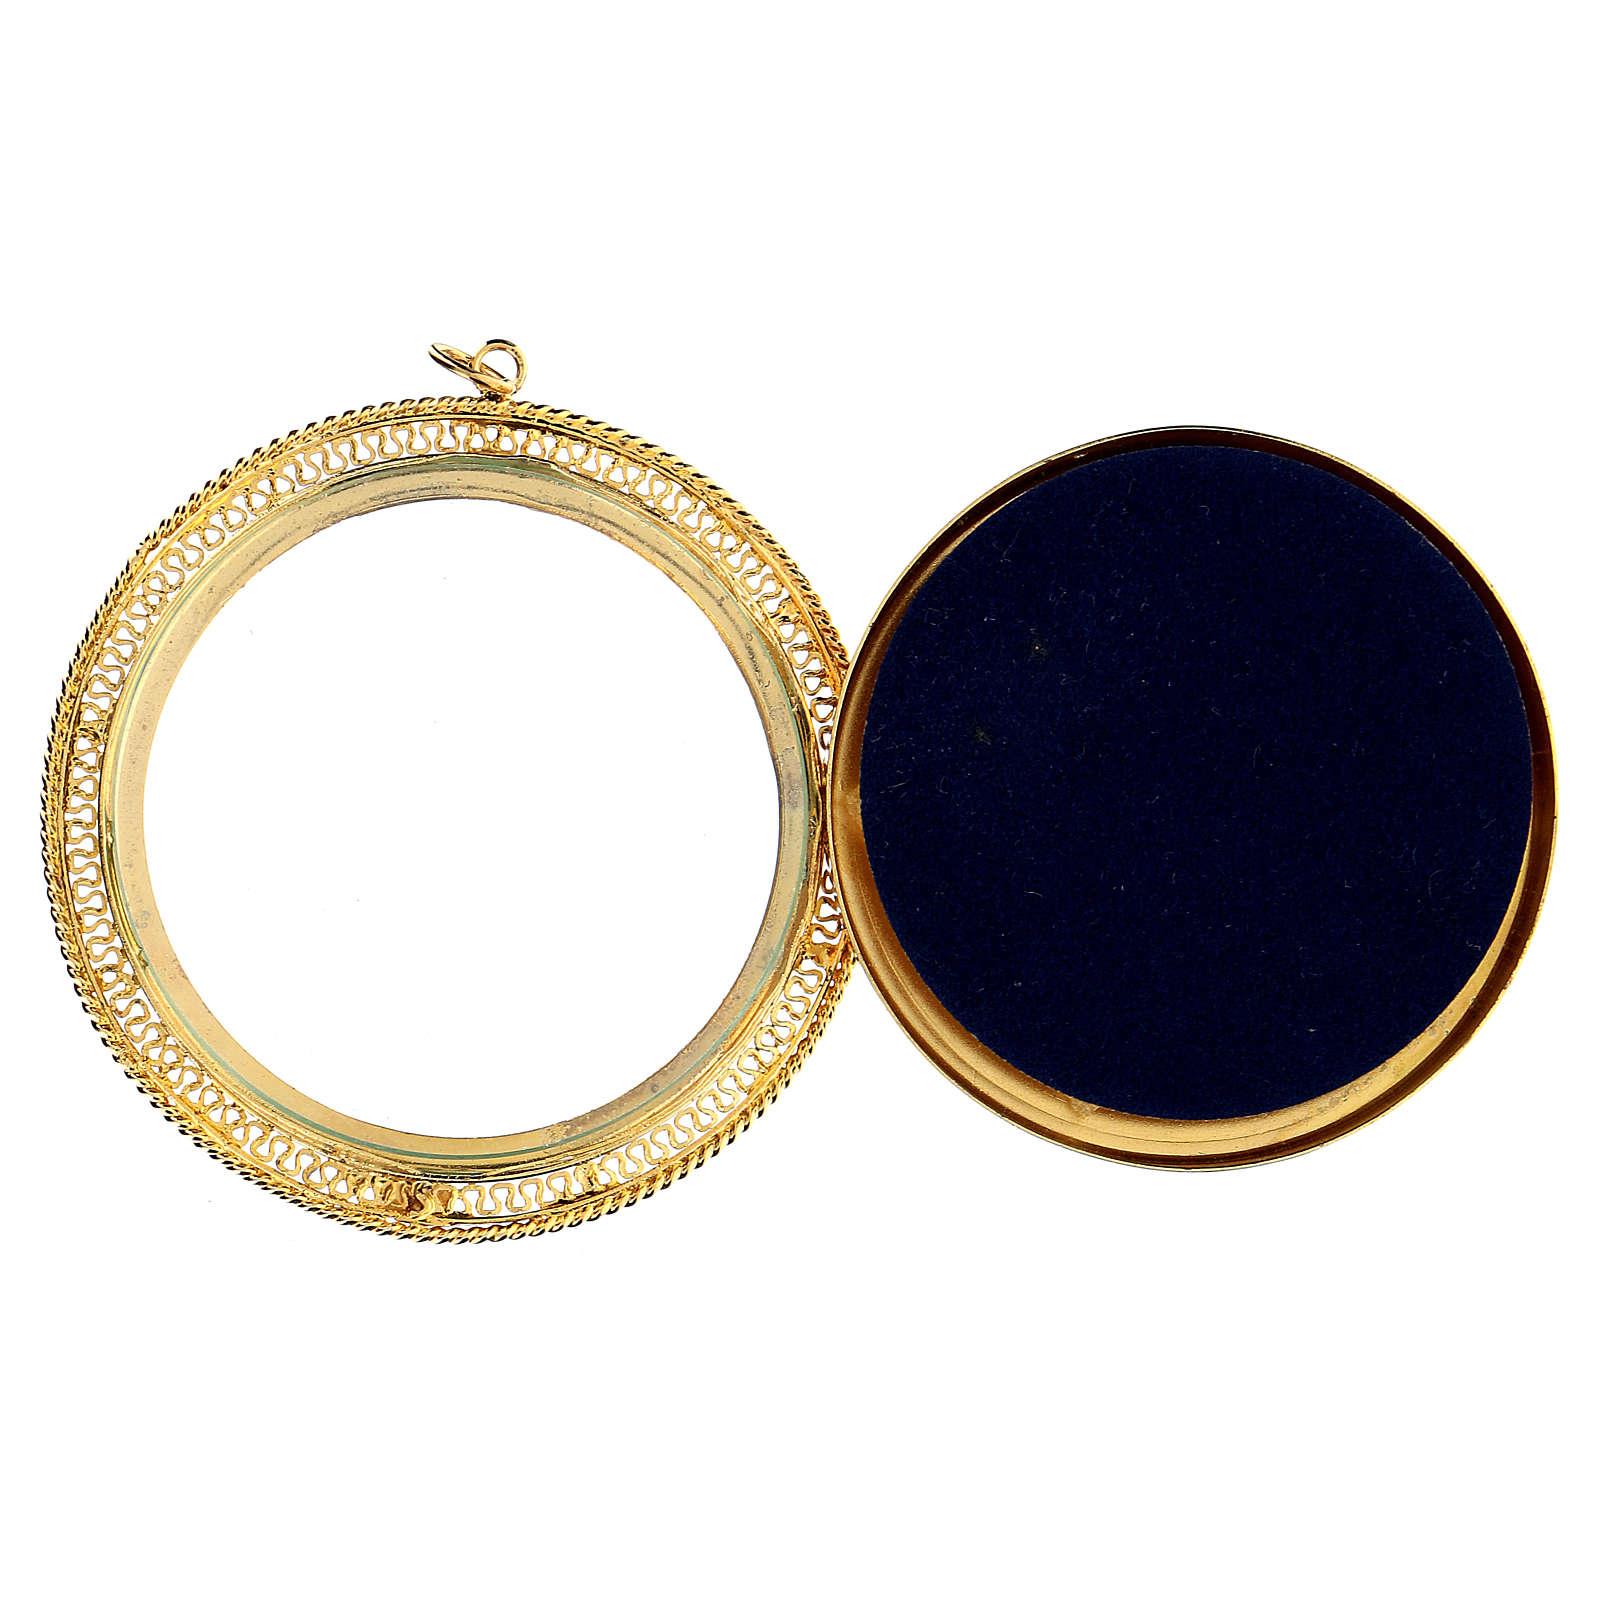 Reliquario argento 800 dorato filigrana tondo 6 cm 4